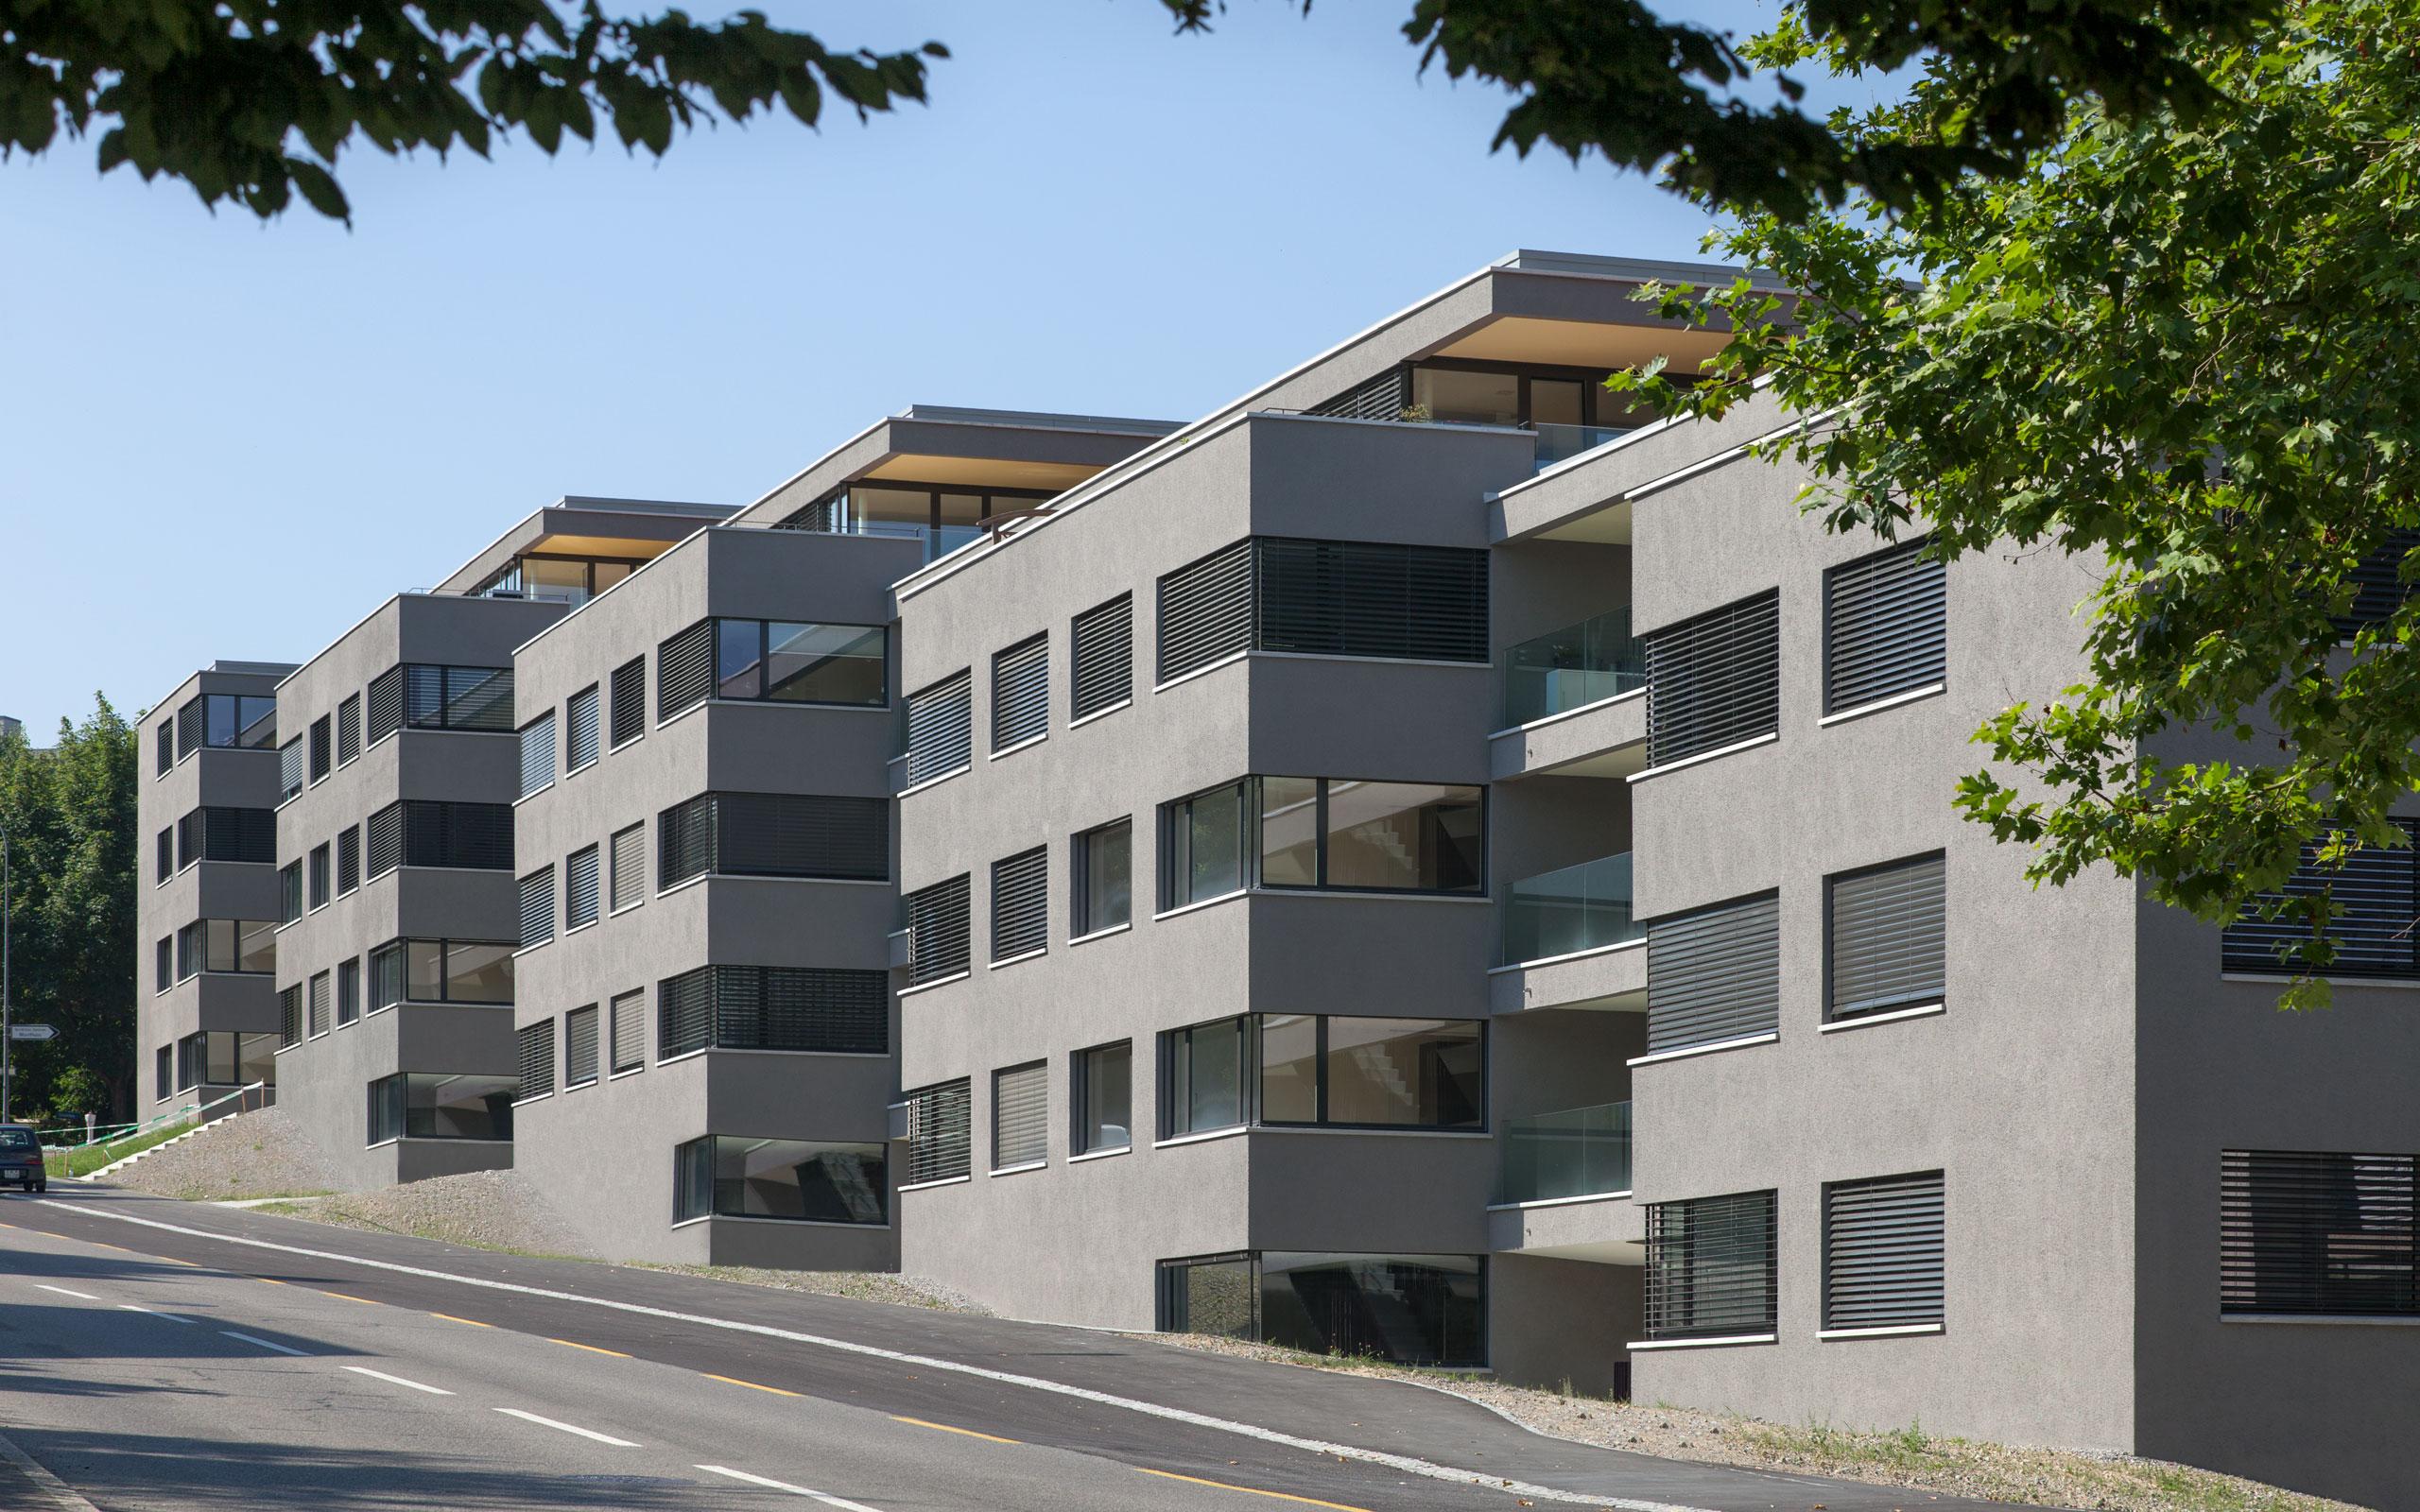 Architektur: Aebi & Vincent, Bern, Hertenbrünnen, Schliern